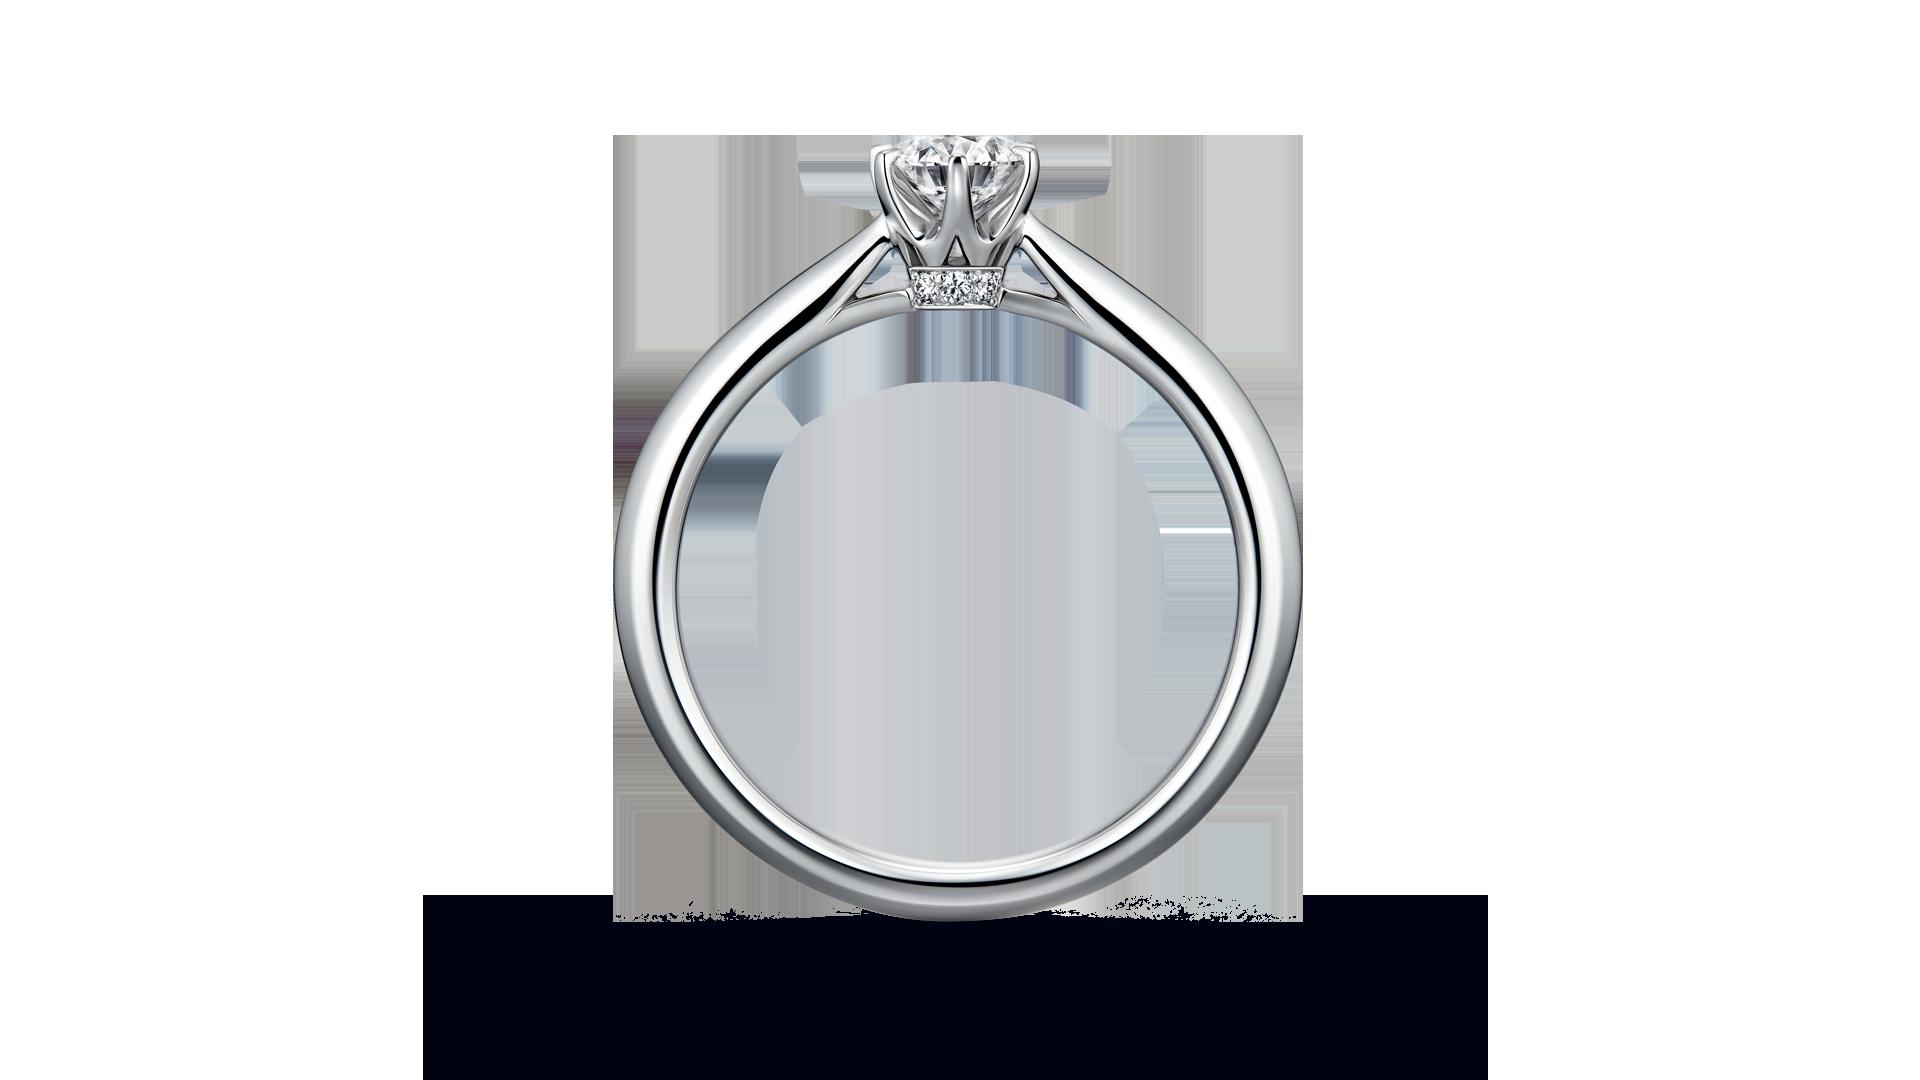 【NEW】hercules ヘラクレス≪11月2日(土)発売≫ | 婚約指輪サムネイル 2